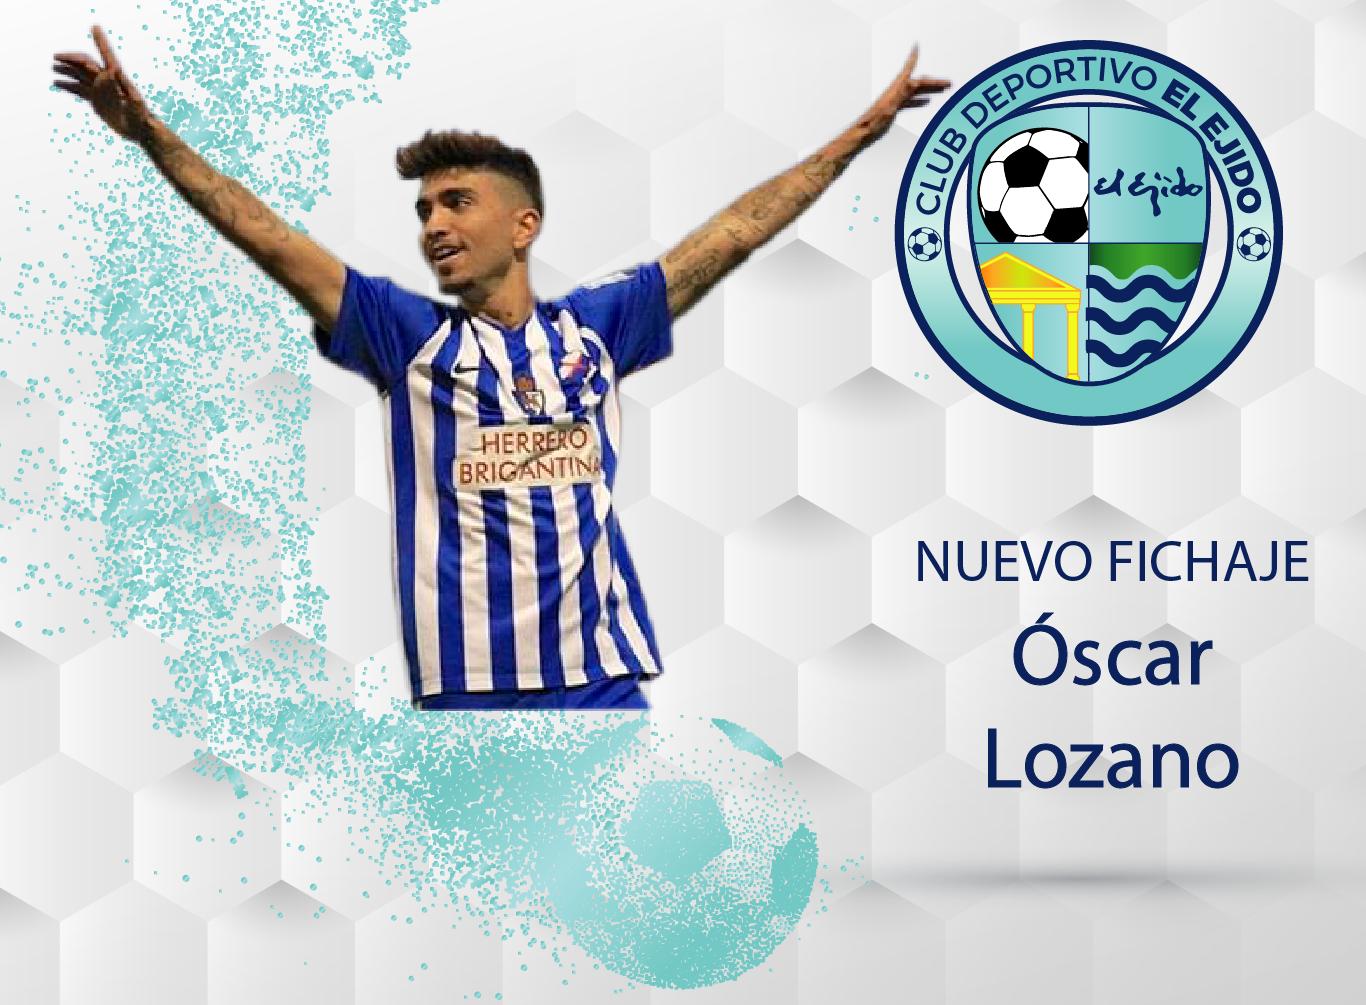 Óscar Lozano defenderá la elástica celeste